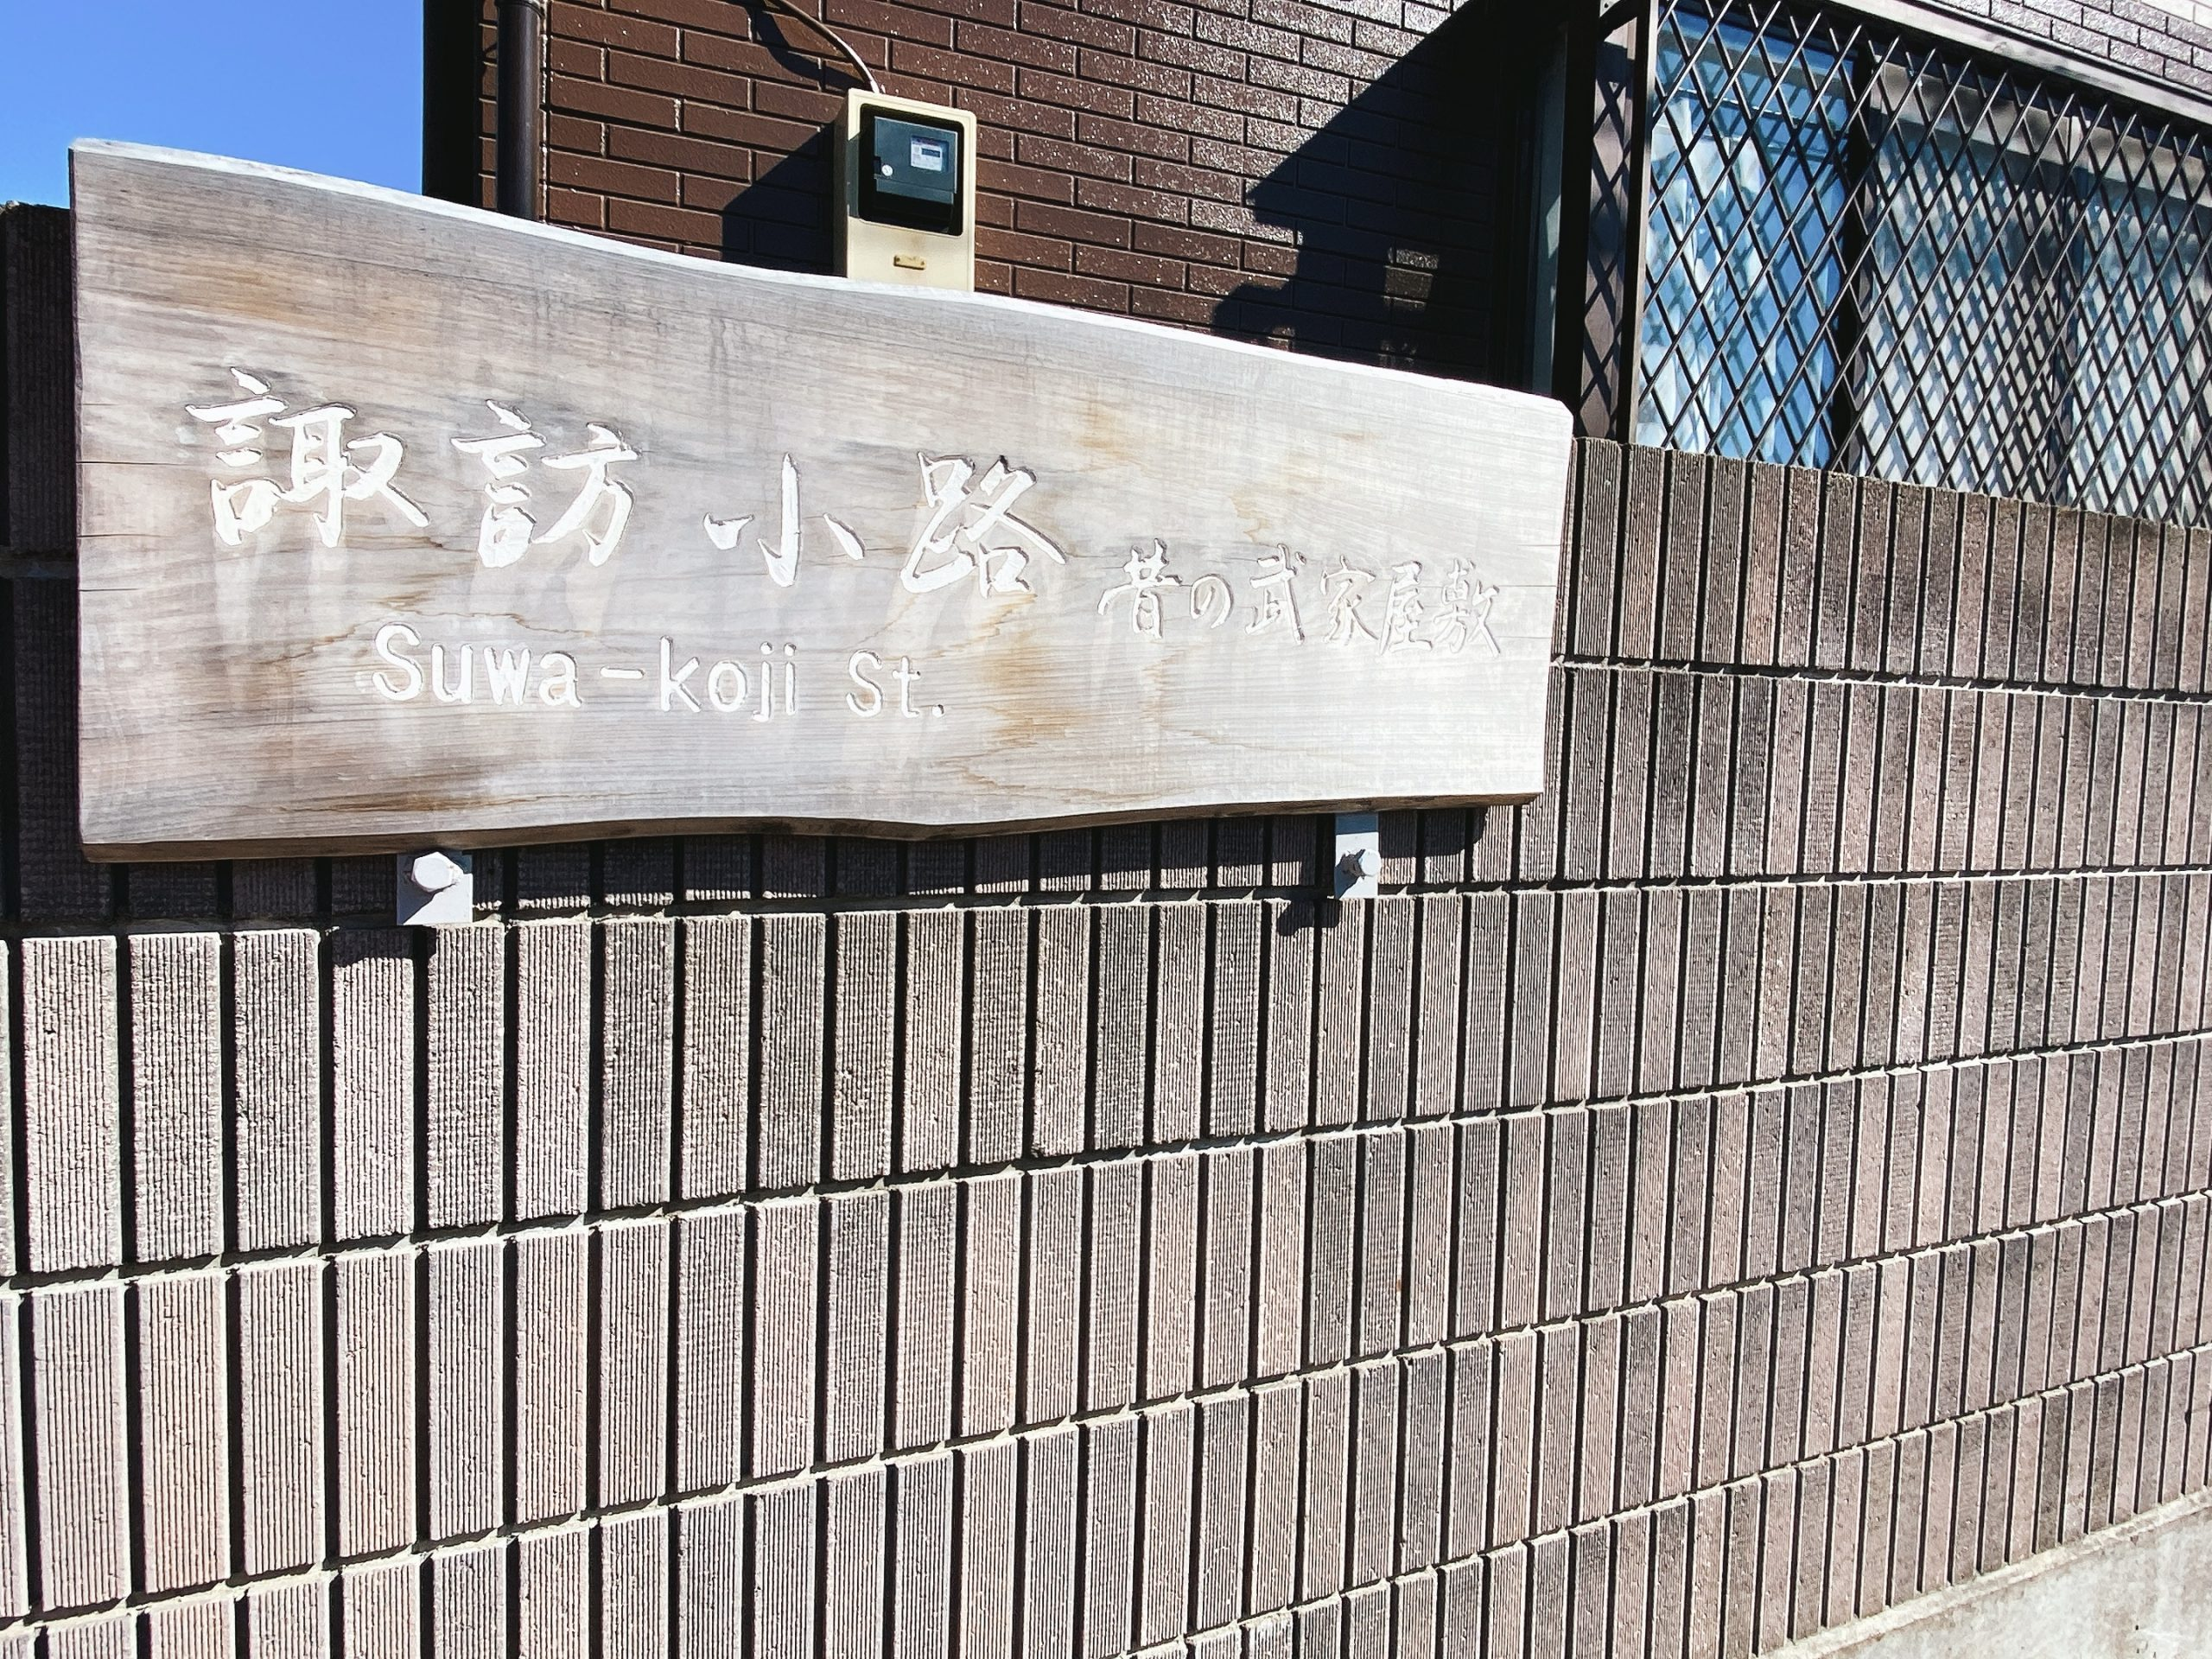 城下町の旧跡名称の標柱 諏訪小路